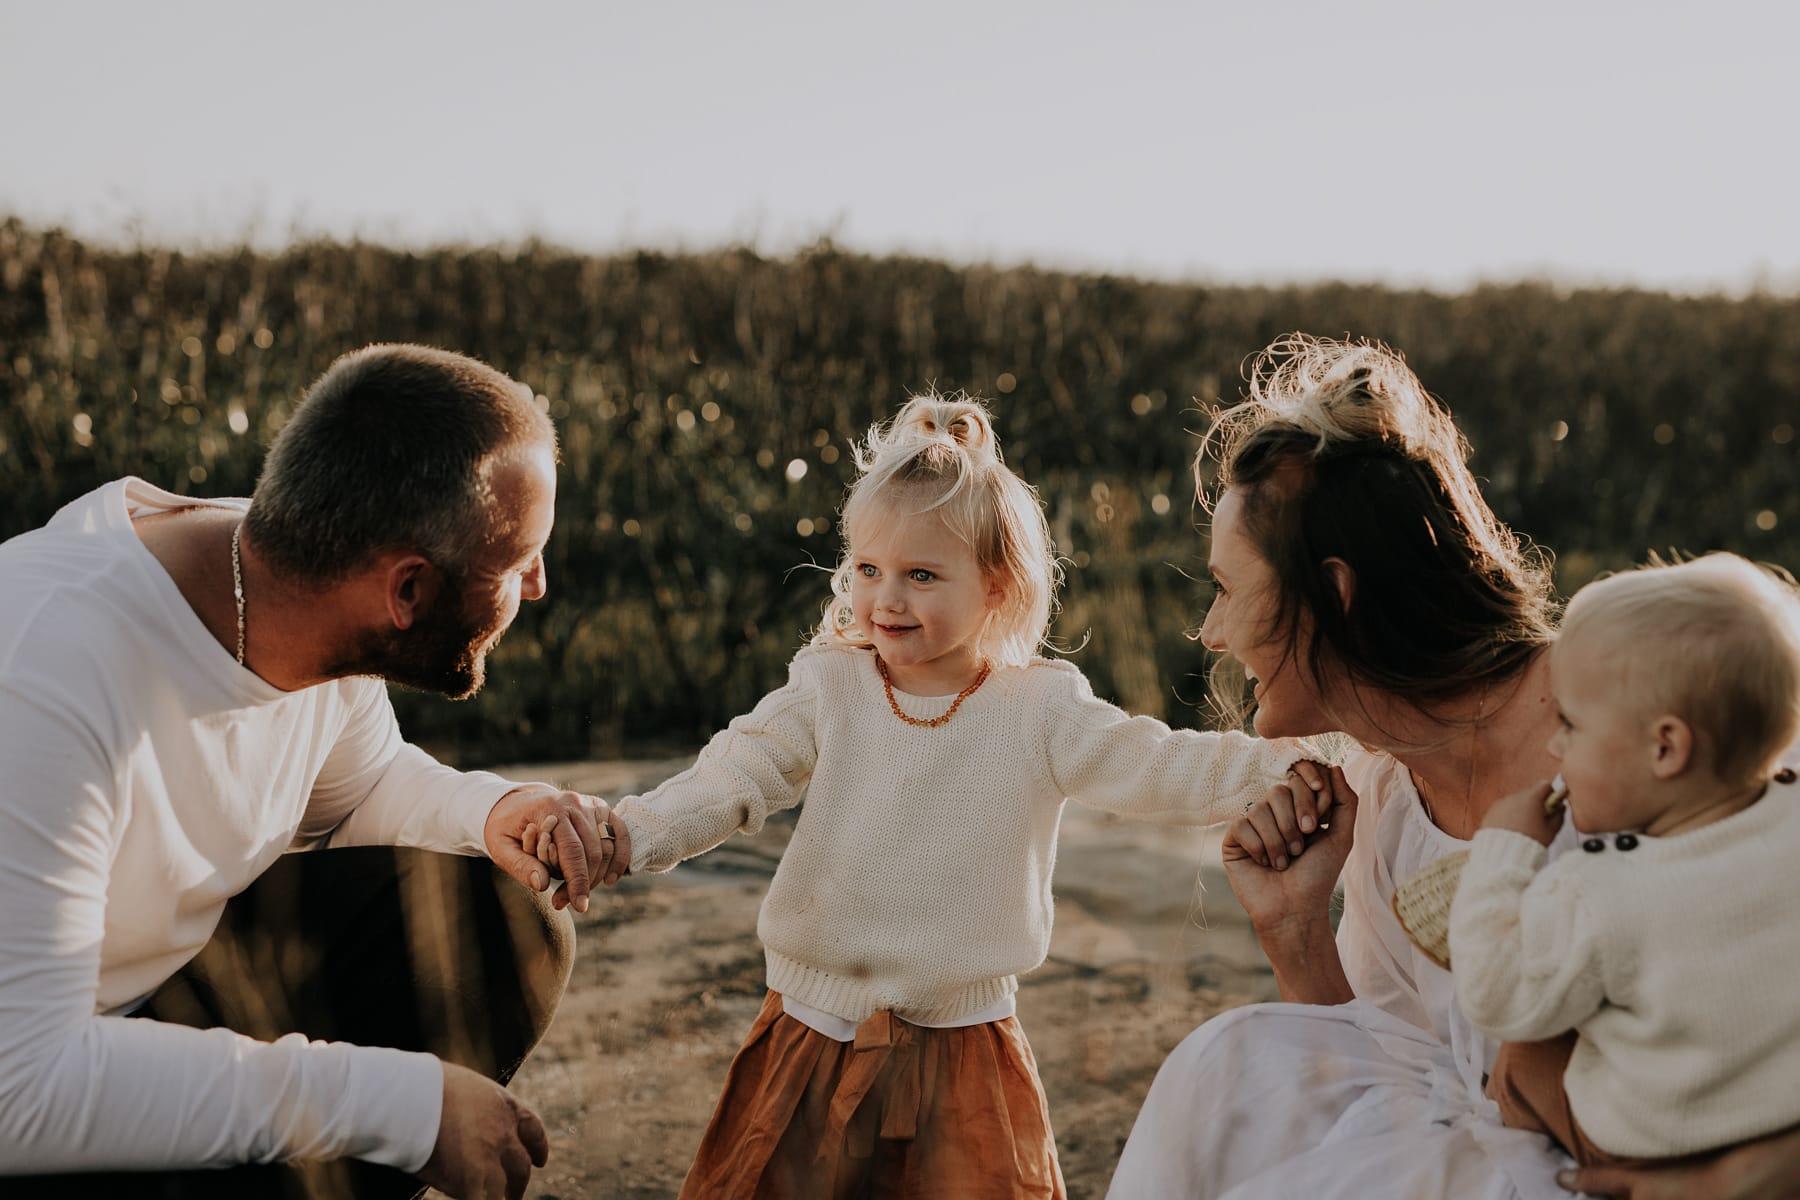 emmawandphotography-cronullaphotographer-sutherlandshirephotographer-family-kids-familyadventure-sydneydocumentaryphotographer-sydneylifestylephotographer0026